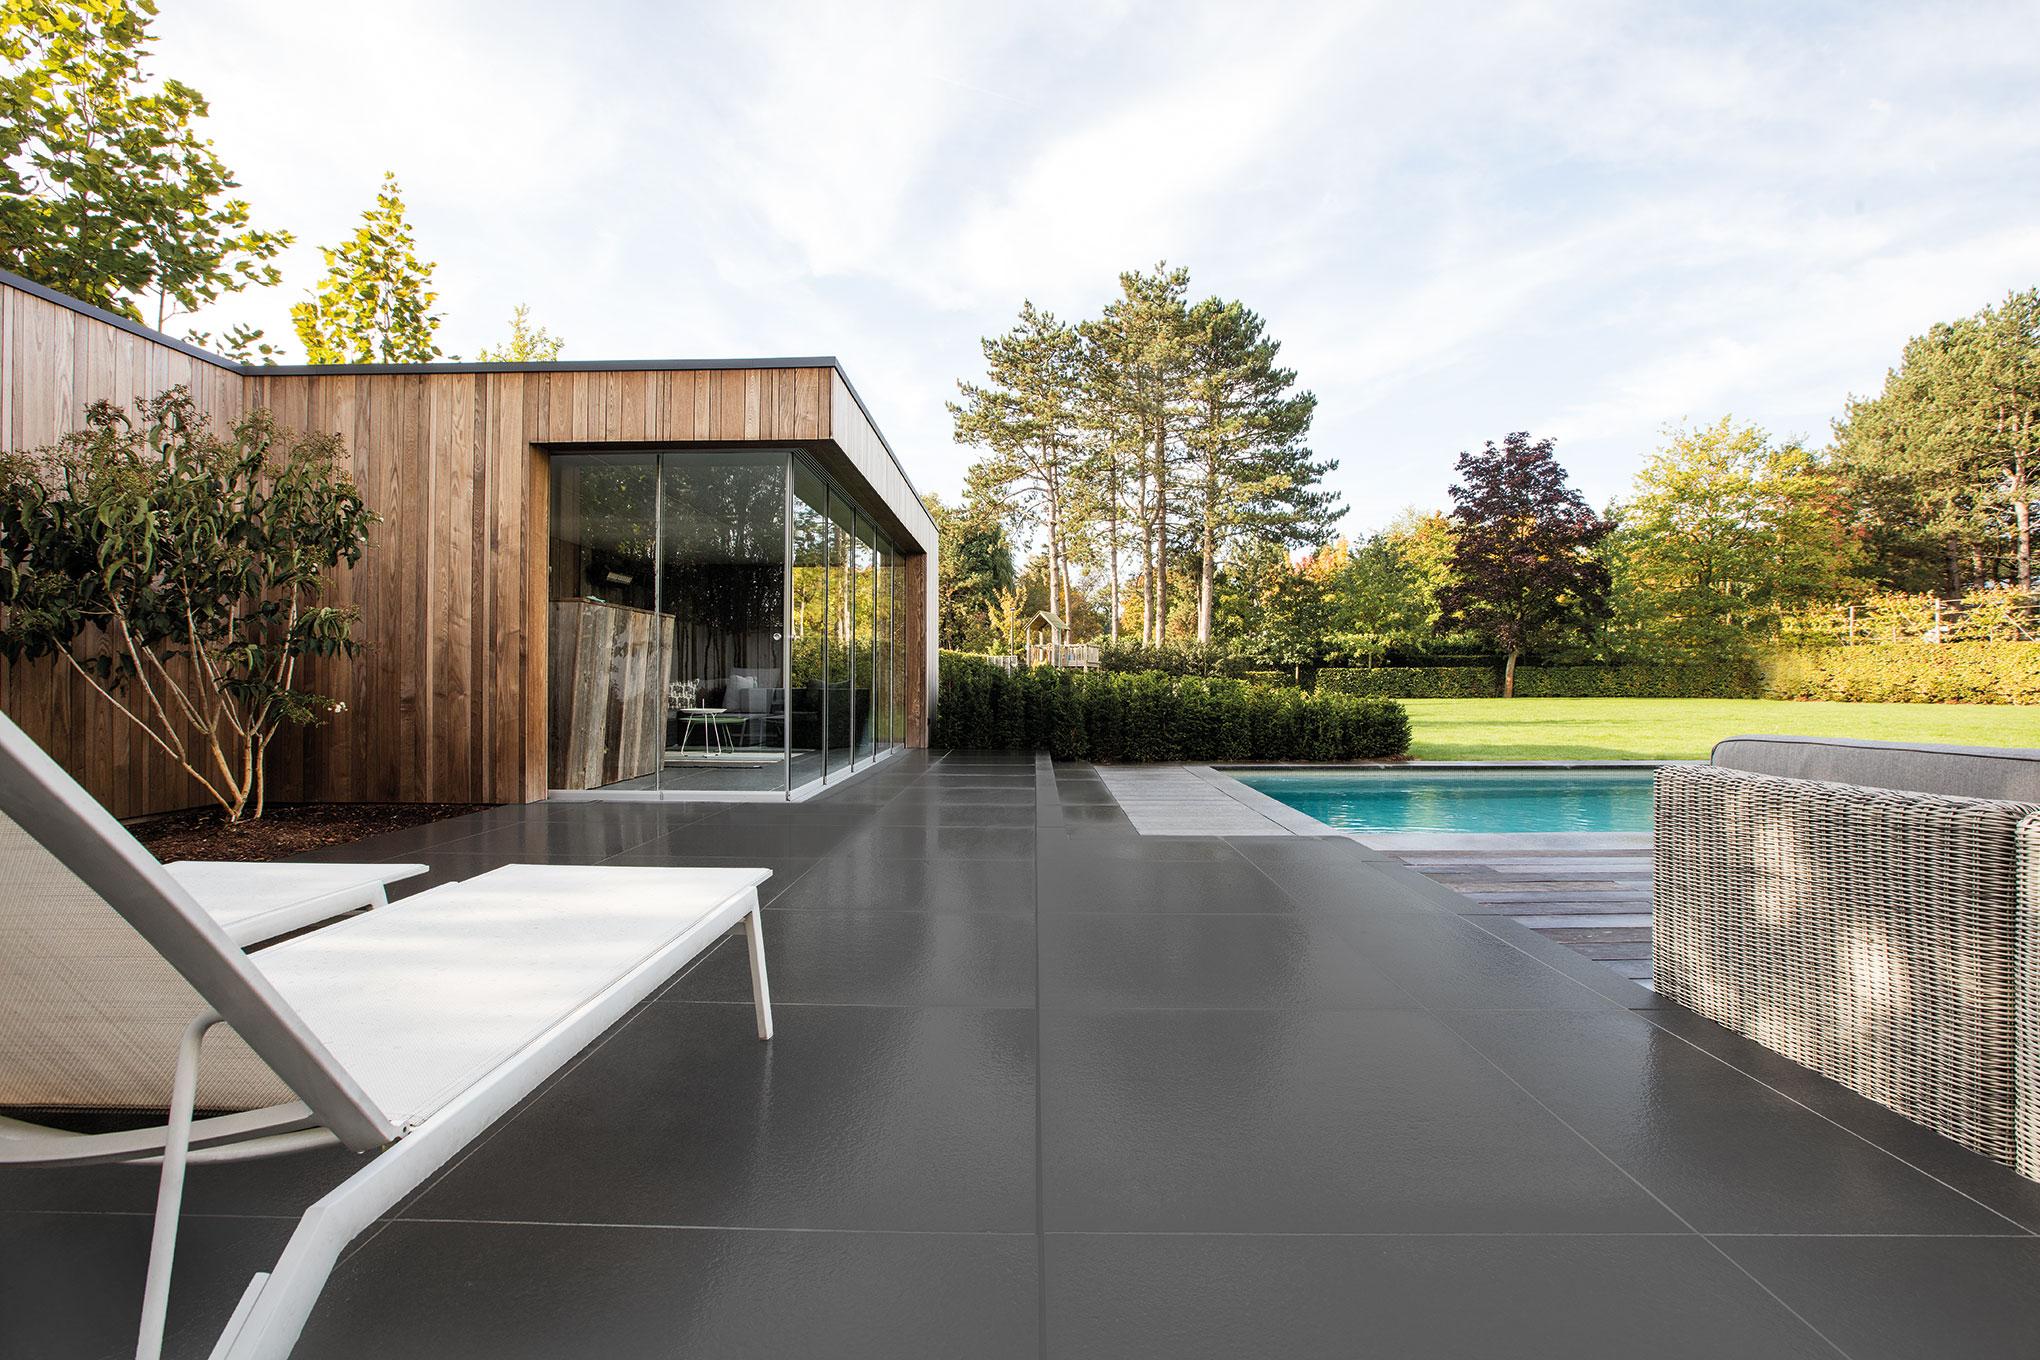 Wandbekleding poolhouse ecosia